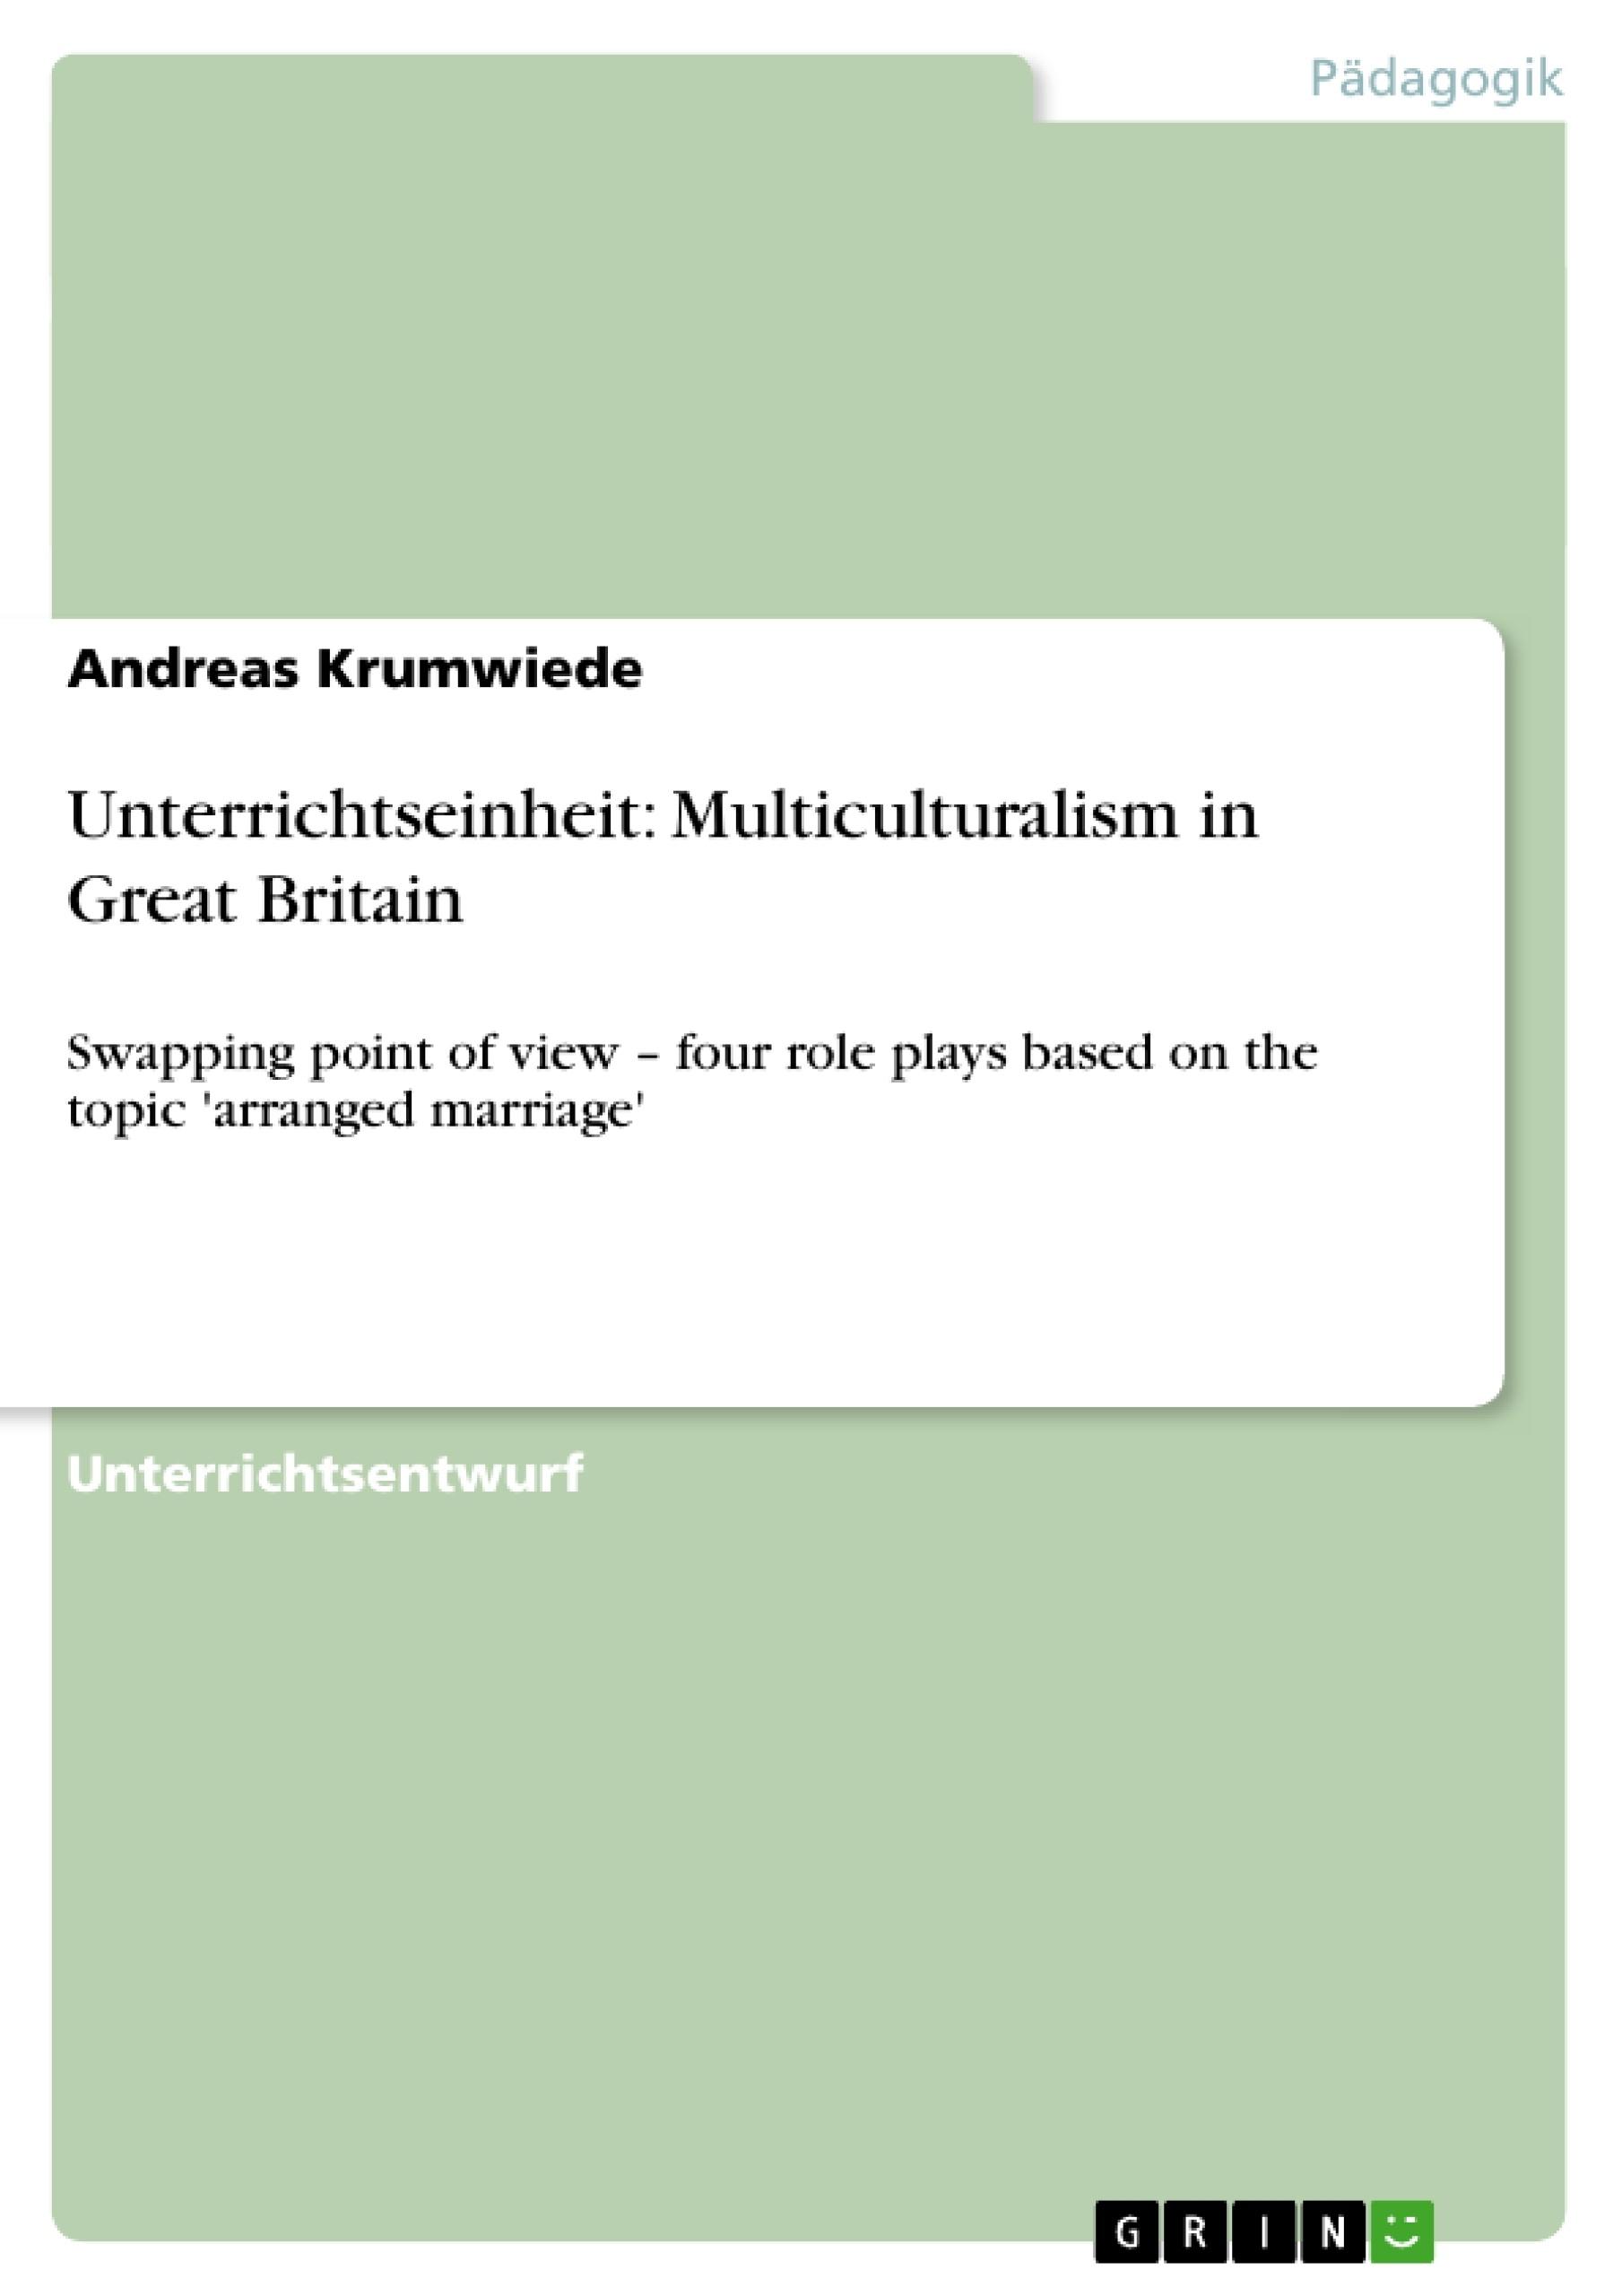 Titel: Unterrichtseinheit: Multiculturalism in Great Britain